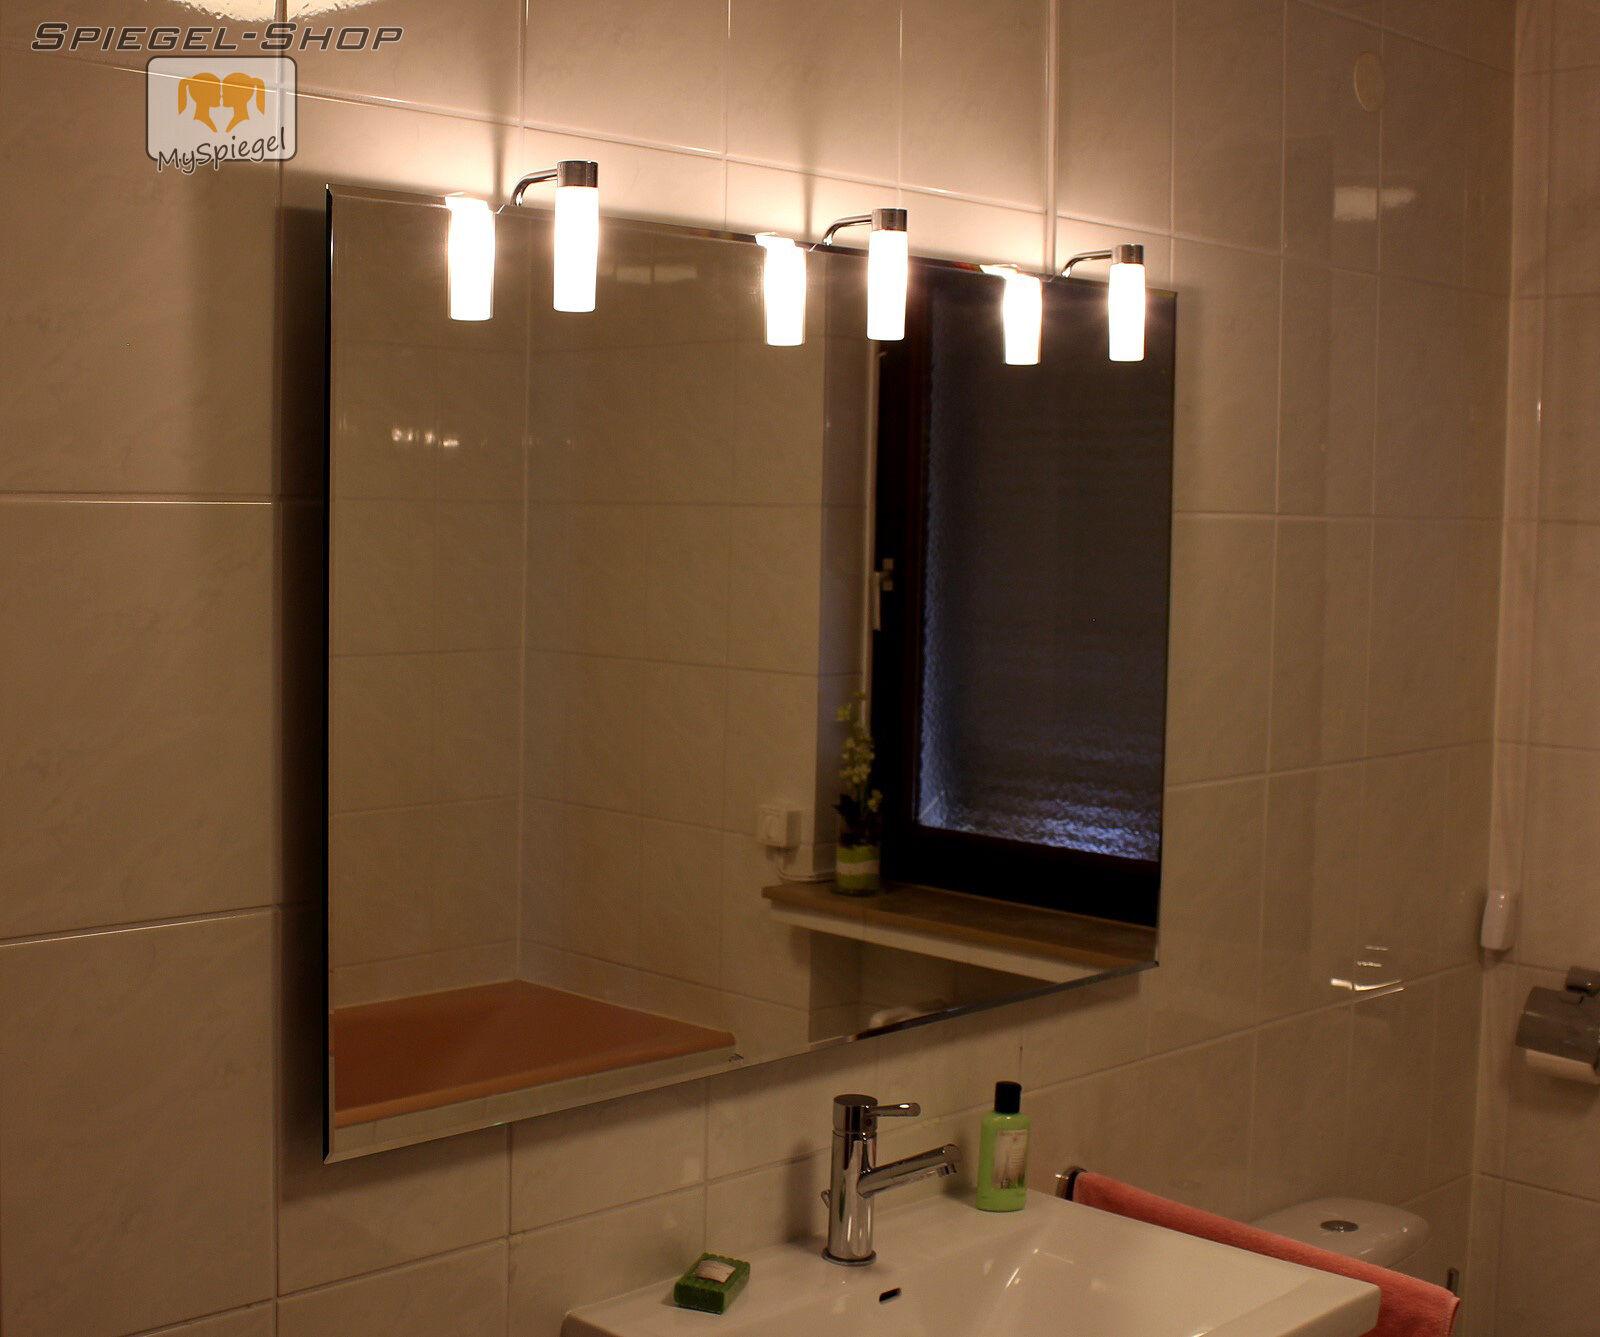 ALTA LED BADSPIEGEL LEUCHTSPIEGEL MIT STEILFACETTE 130x70CM MIT 3 LAMPEN